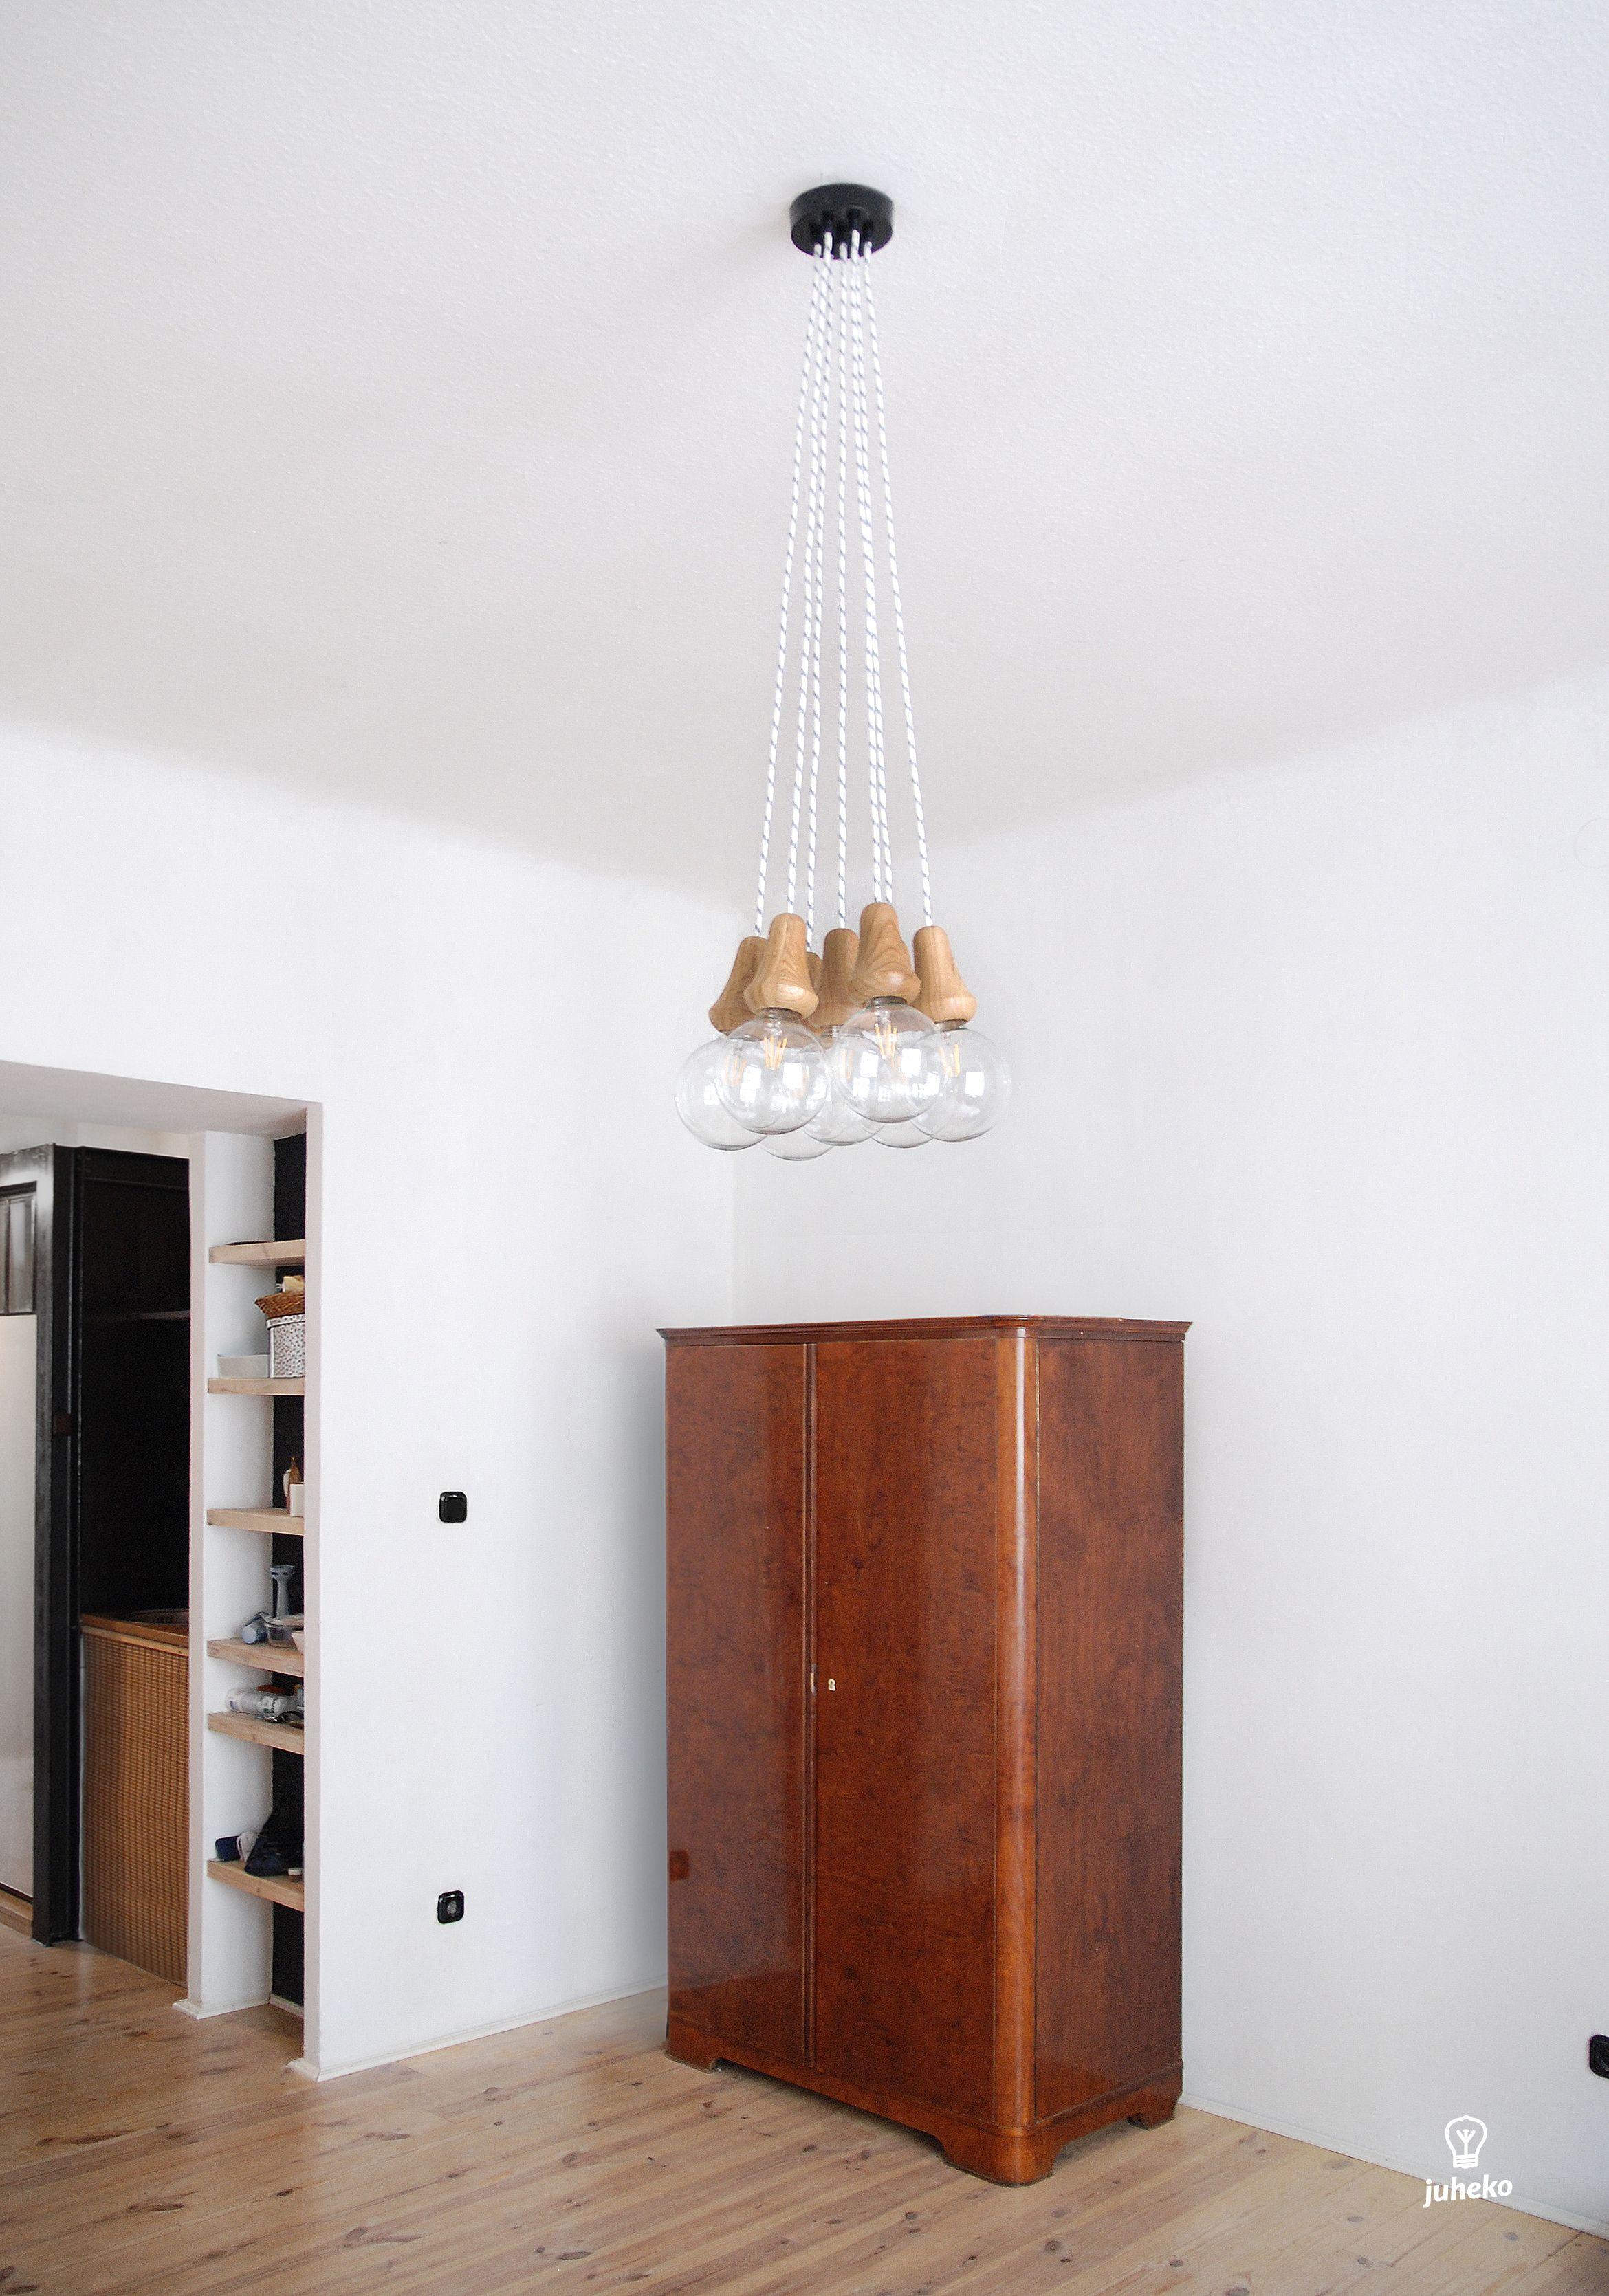 diy cable lighting. Juheko Lamp, Ceiling Pendant, Textile Cables, DIY Lighting. Diy Cable Lighting R